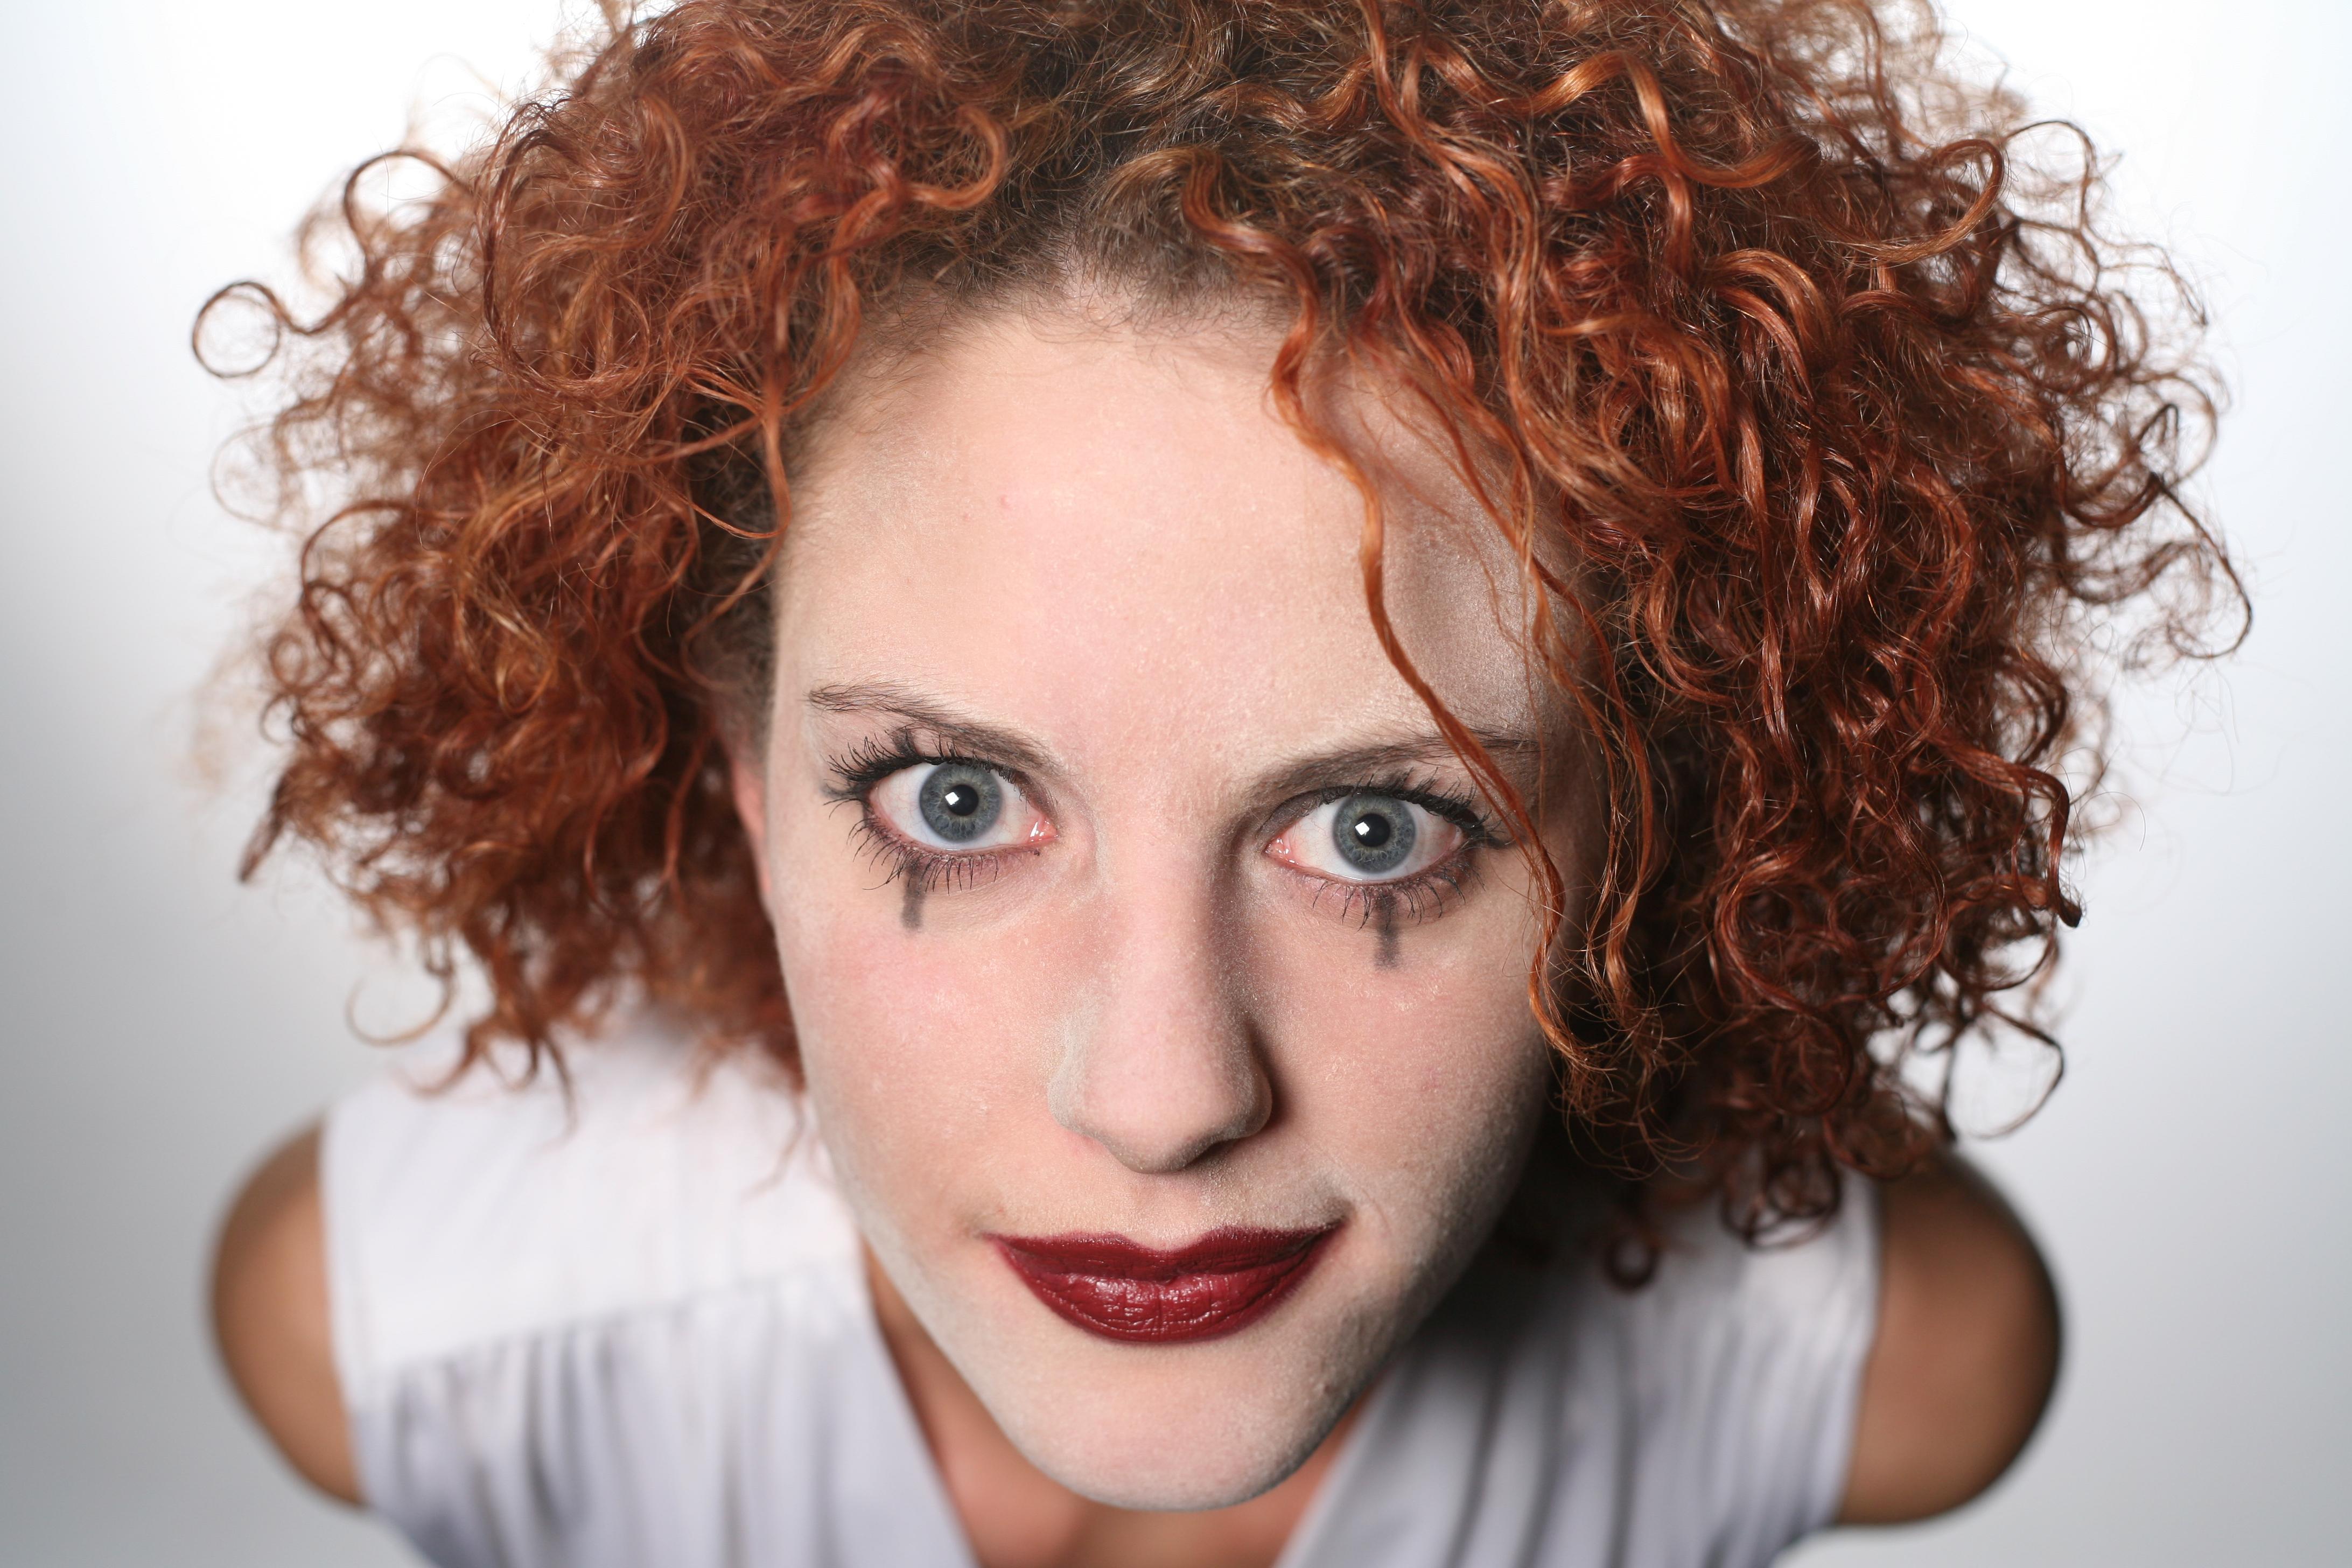 Kostenlose Foto Frau Sänger Porträt Modell Rot Farbe Frisur